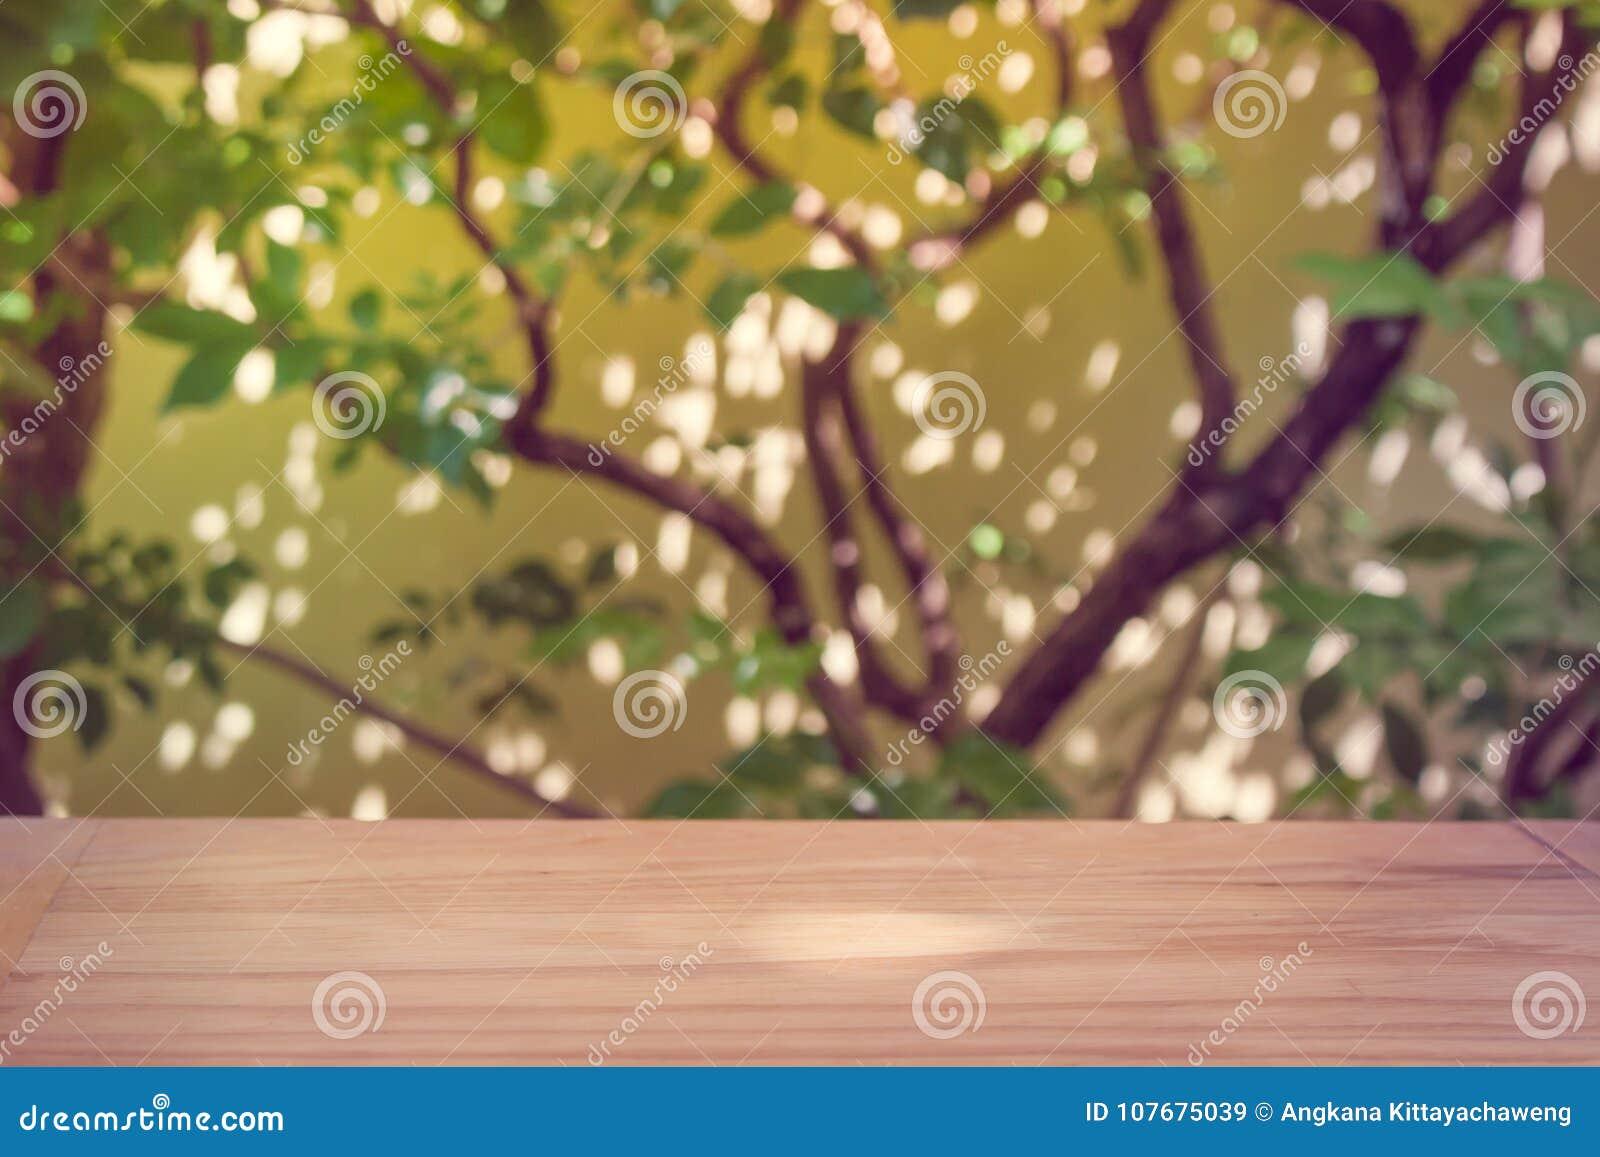 Plancher En Bois Avec Naturel Vert A L Arriere Plan Au